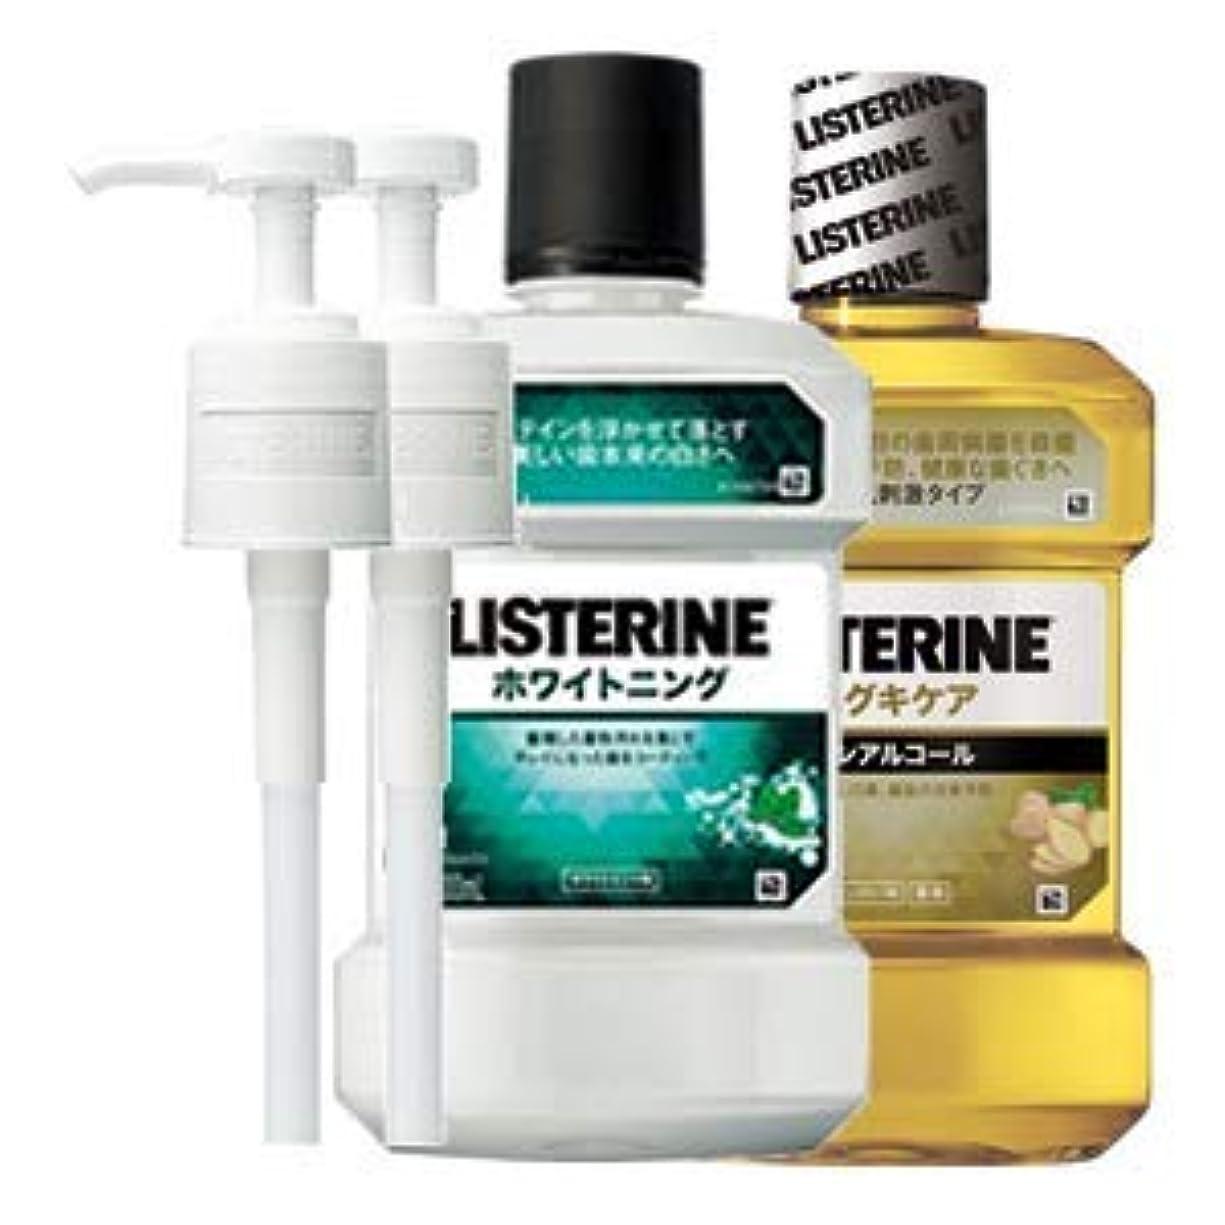 汚染する肯定的リスキーな薬用 リステリン ホワイトニング ハグキケア 1000mL 2点セット (ポンプ付)